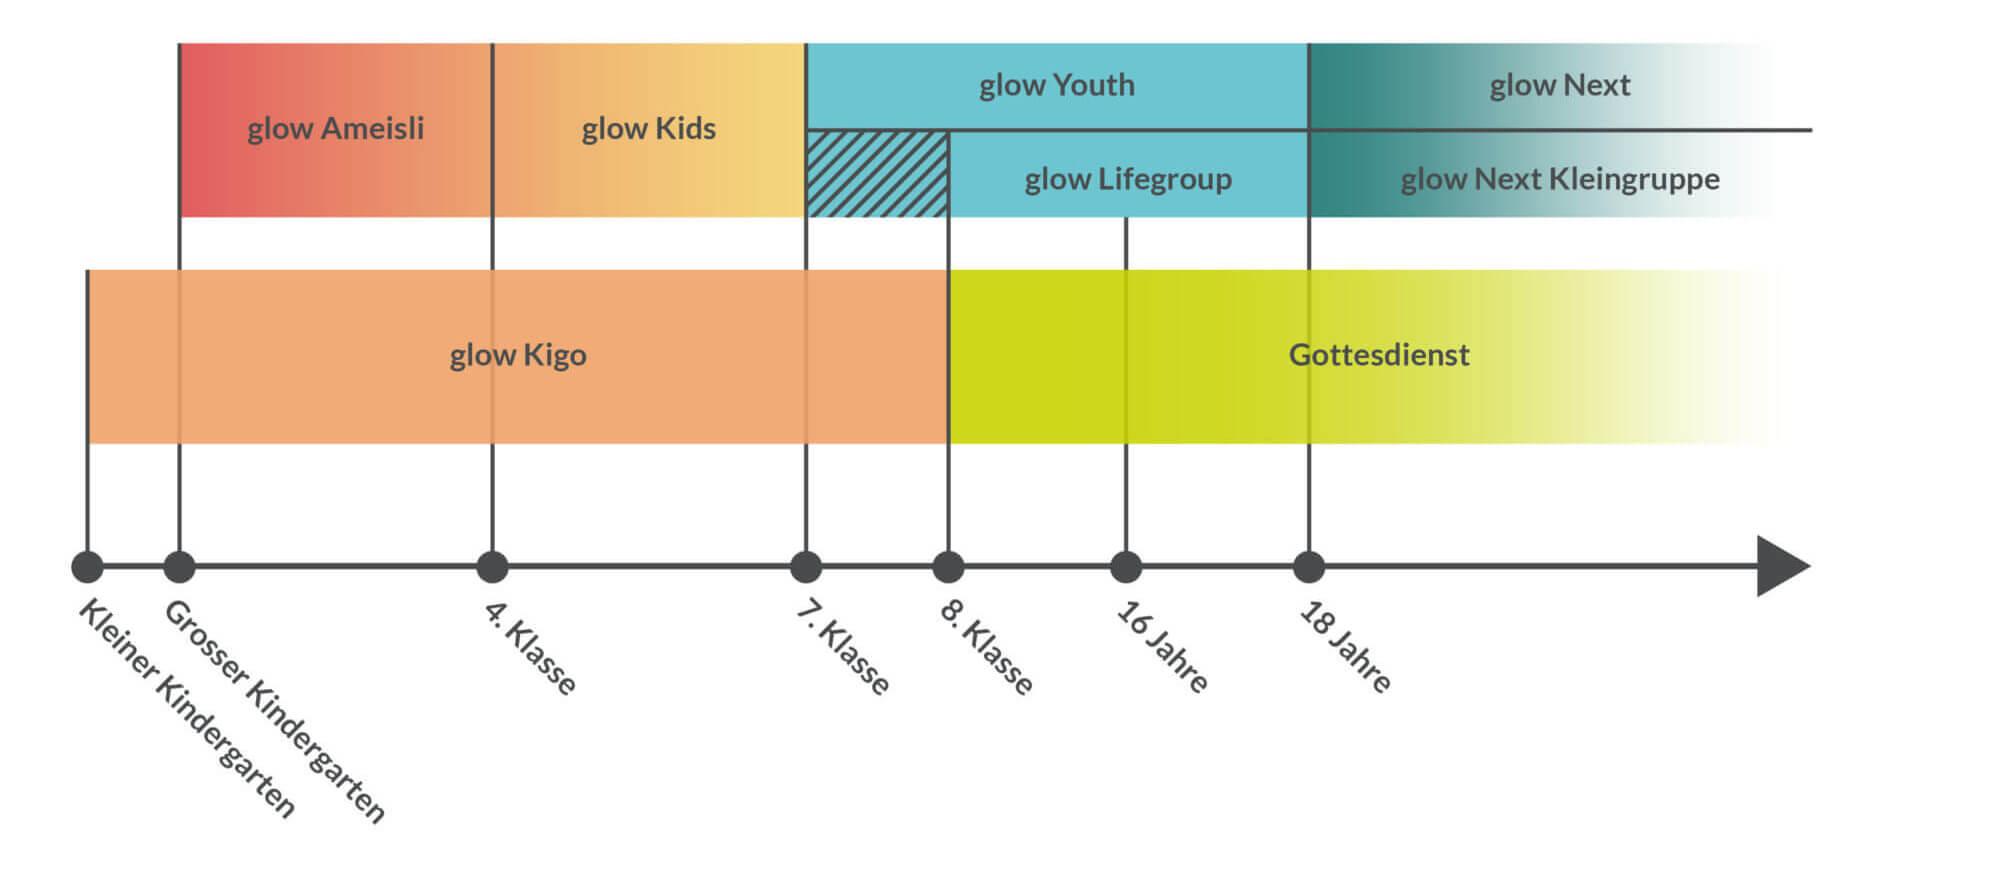 Übersicht über alle Gefässe in der glow Kinder- und Jugendarbeit der seetal chile